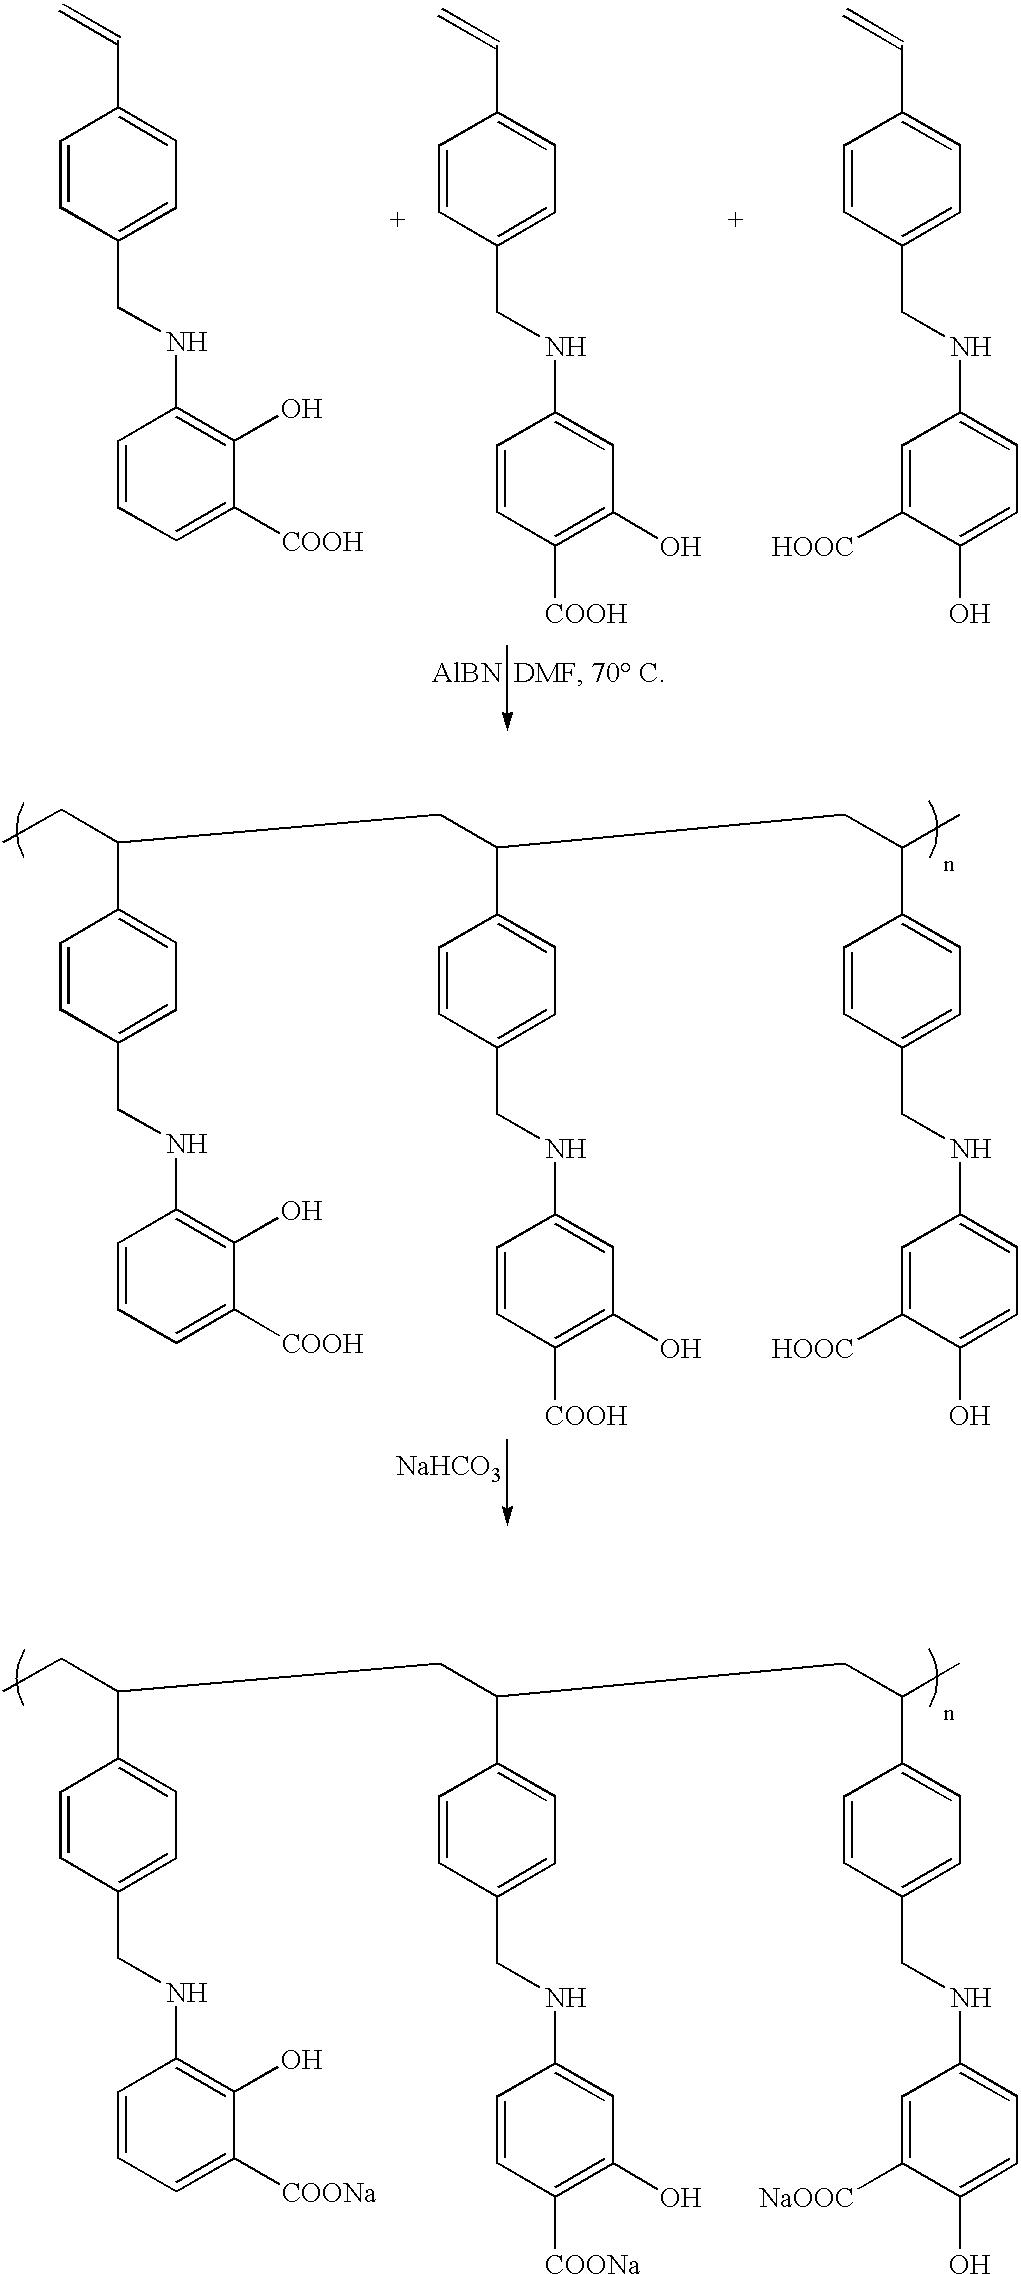 Figure US20030031715A1-20030213-C00063